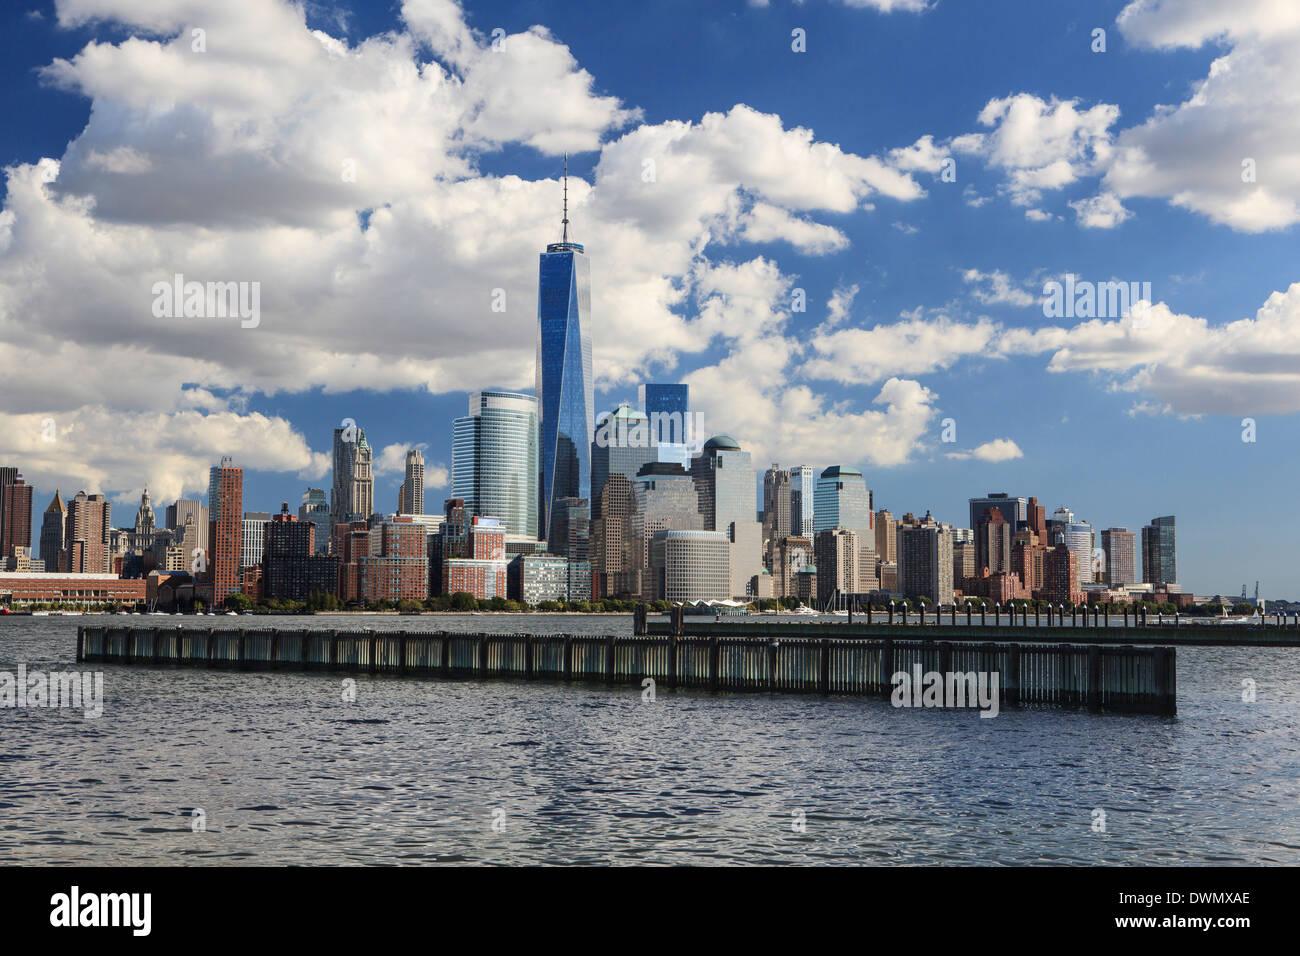 1 World Trade Center Tower et le quartier financier de New York vu de Liberty State Park, New York, États-Unis d'Amérique Photo Stock